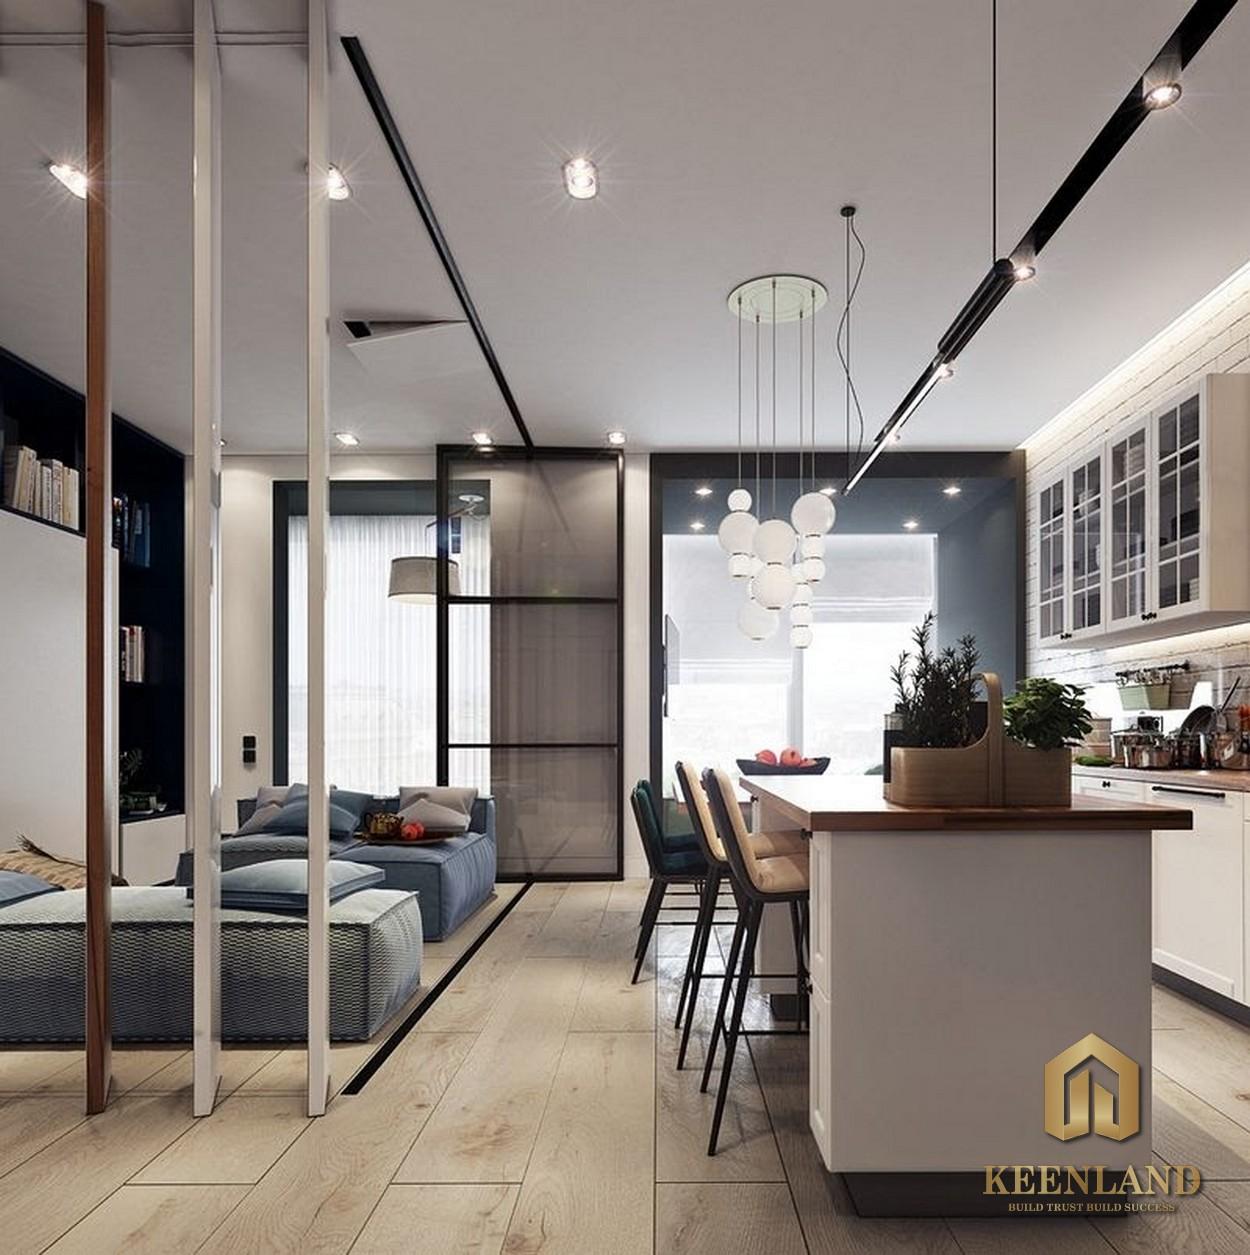 Căn hộ studio là gì? Đối tượng của loại hình căn hộ này là ai? can ho studio